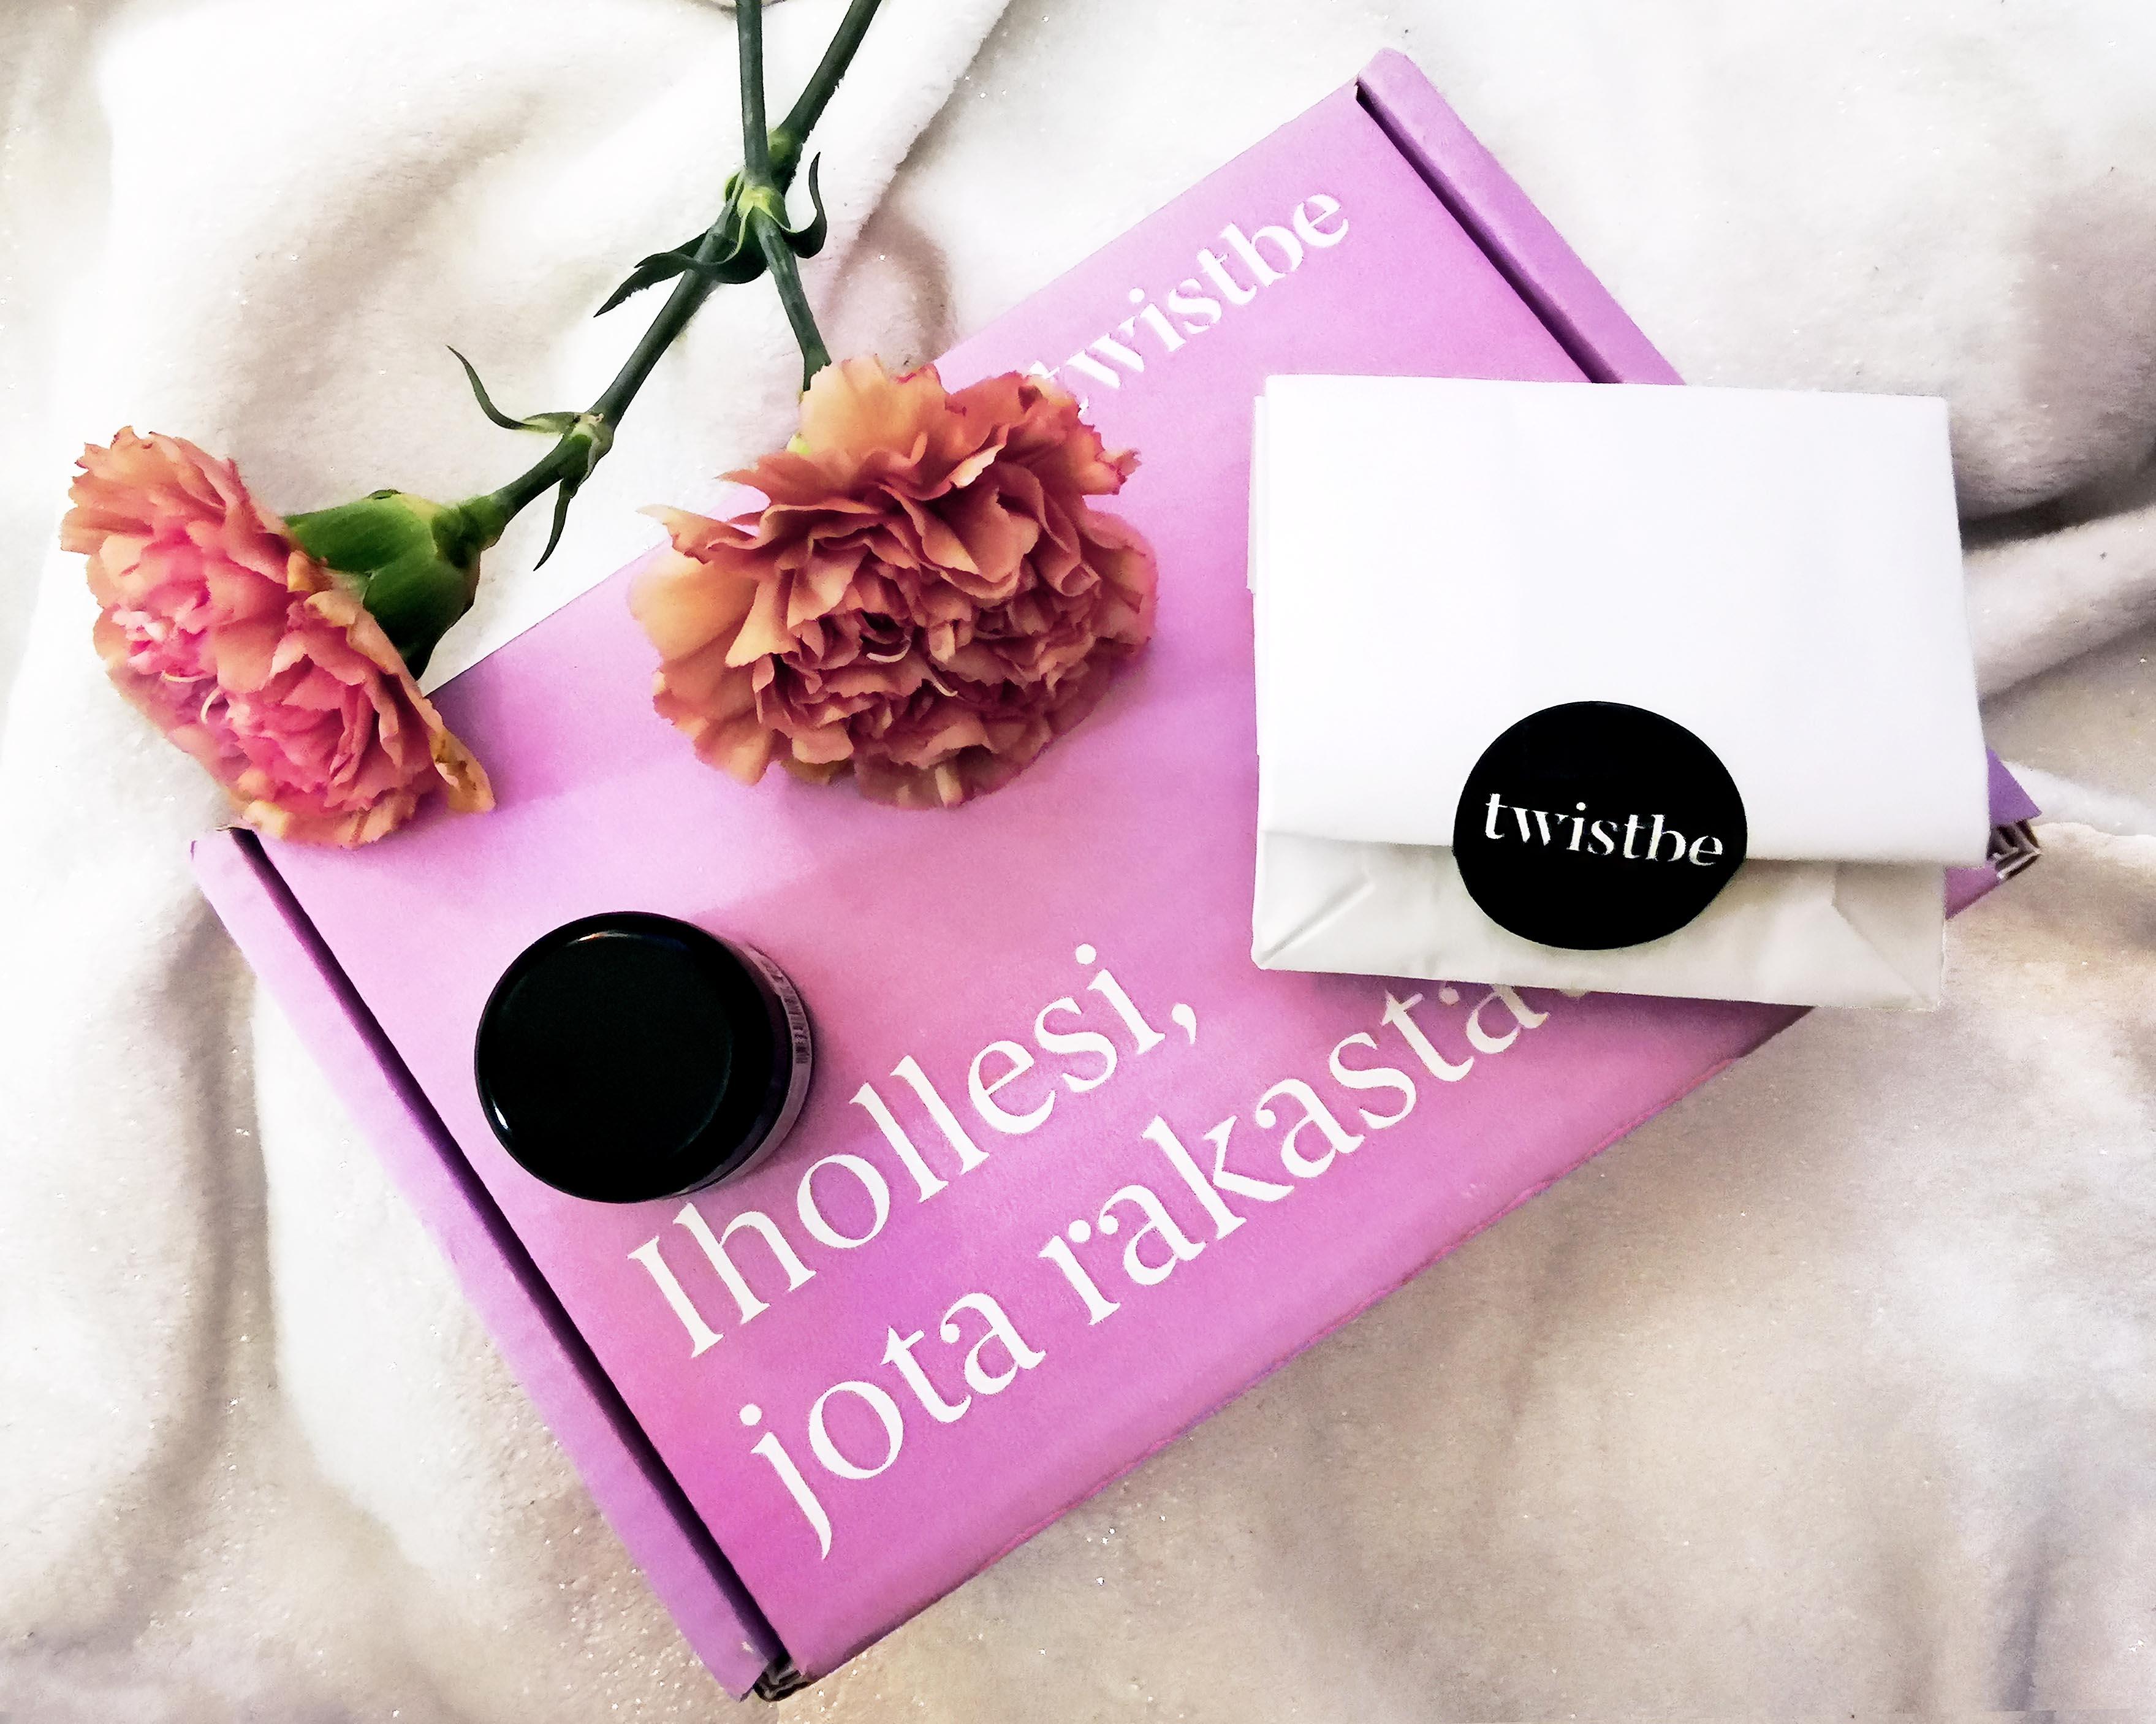 twistbe box